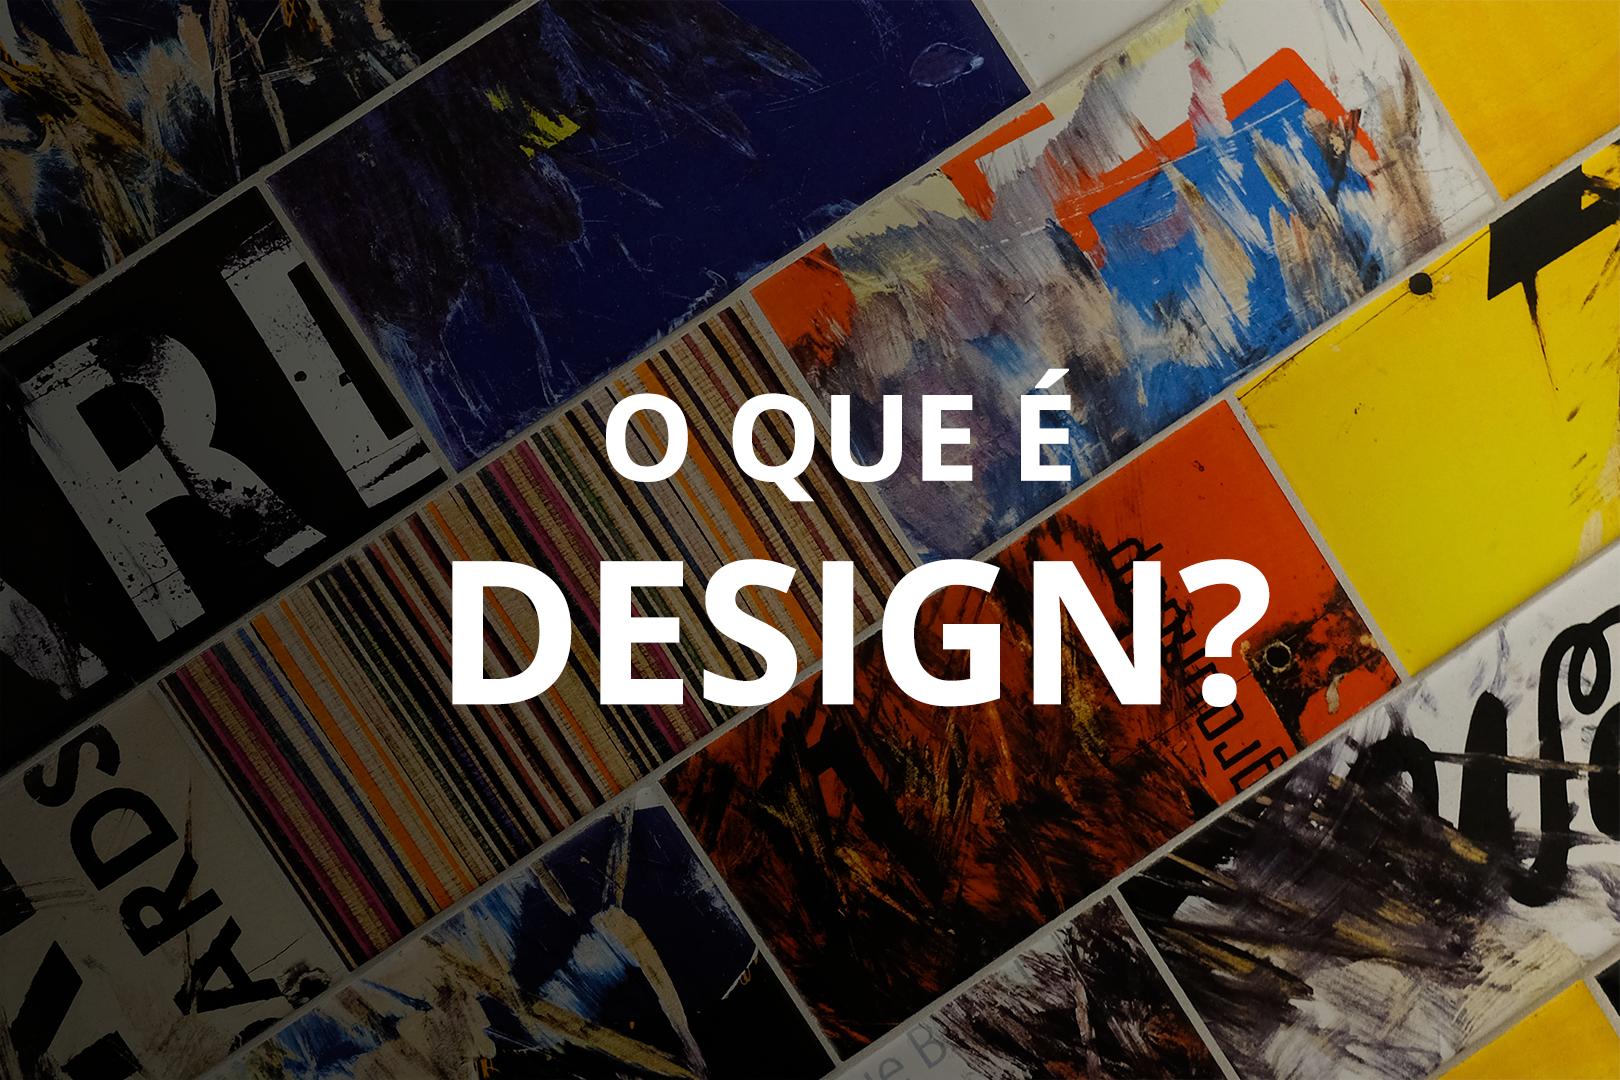 design ou designer qual é a diferença?